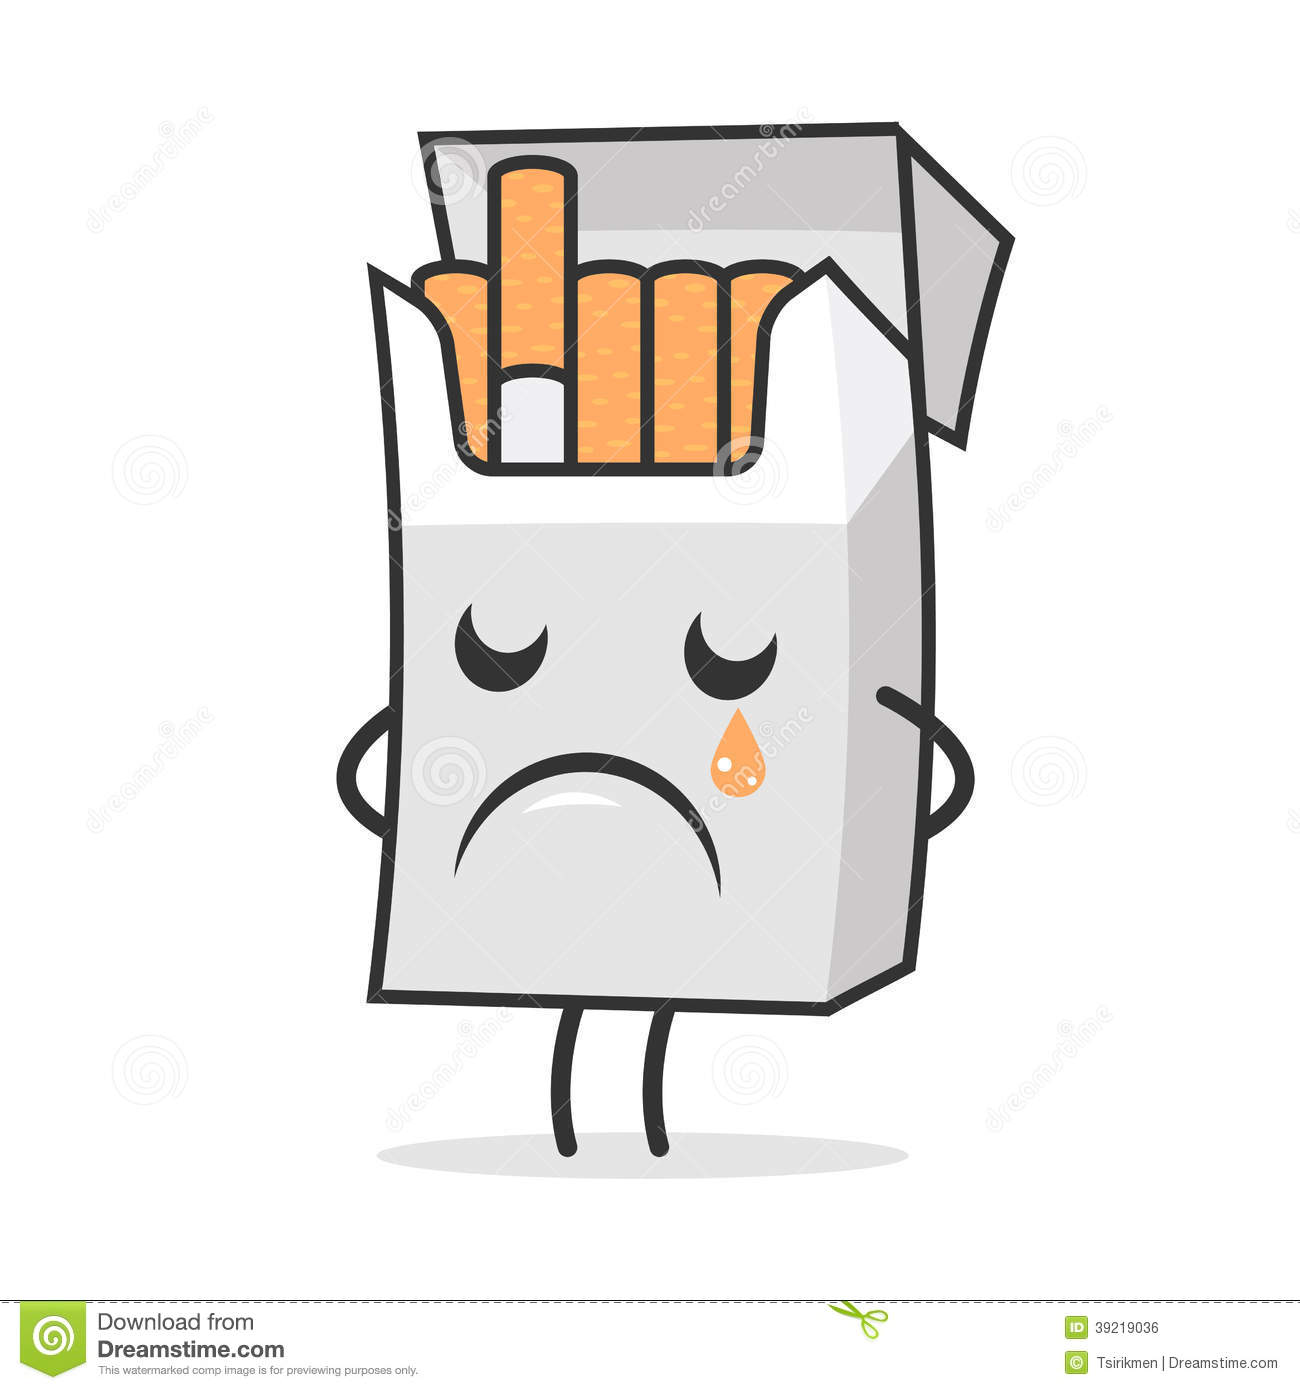 сигарета и бутылка рисунок